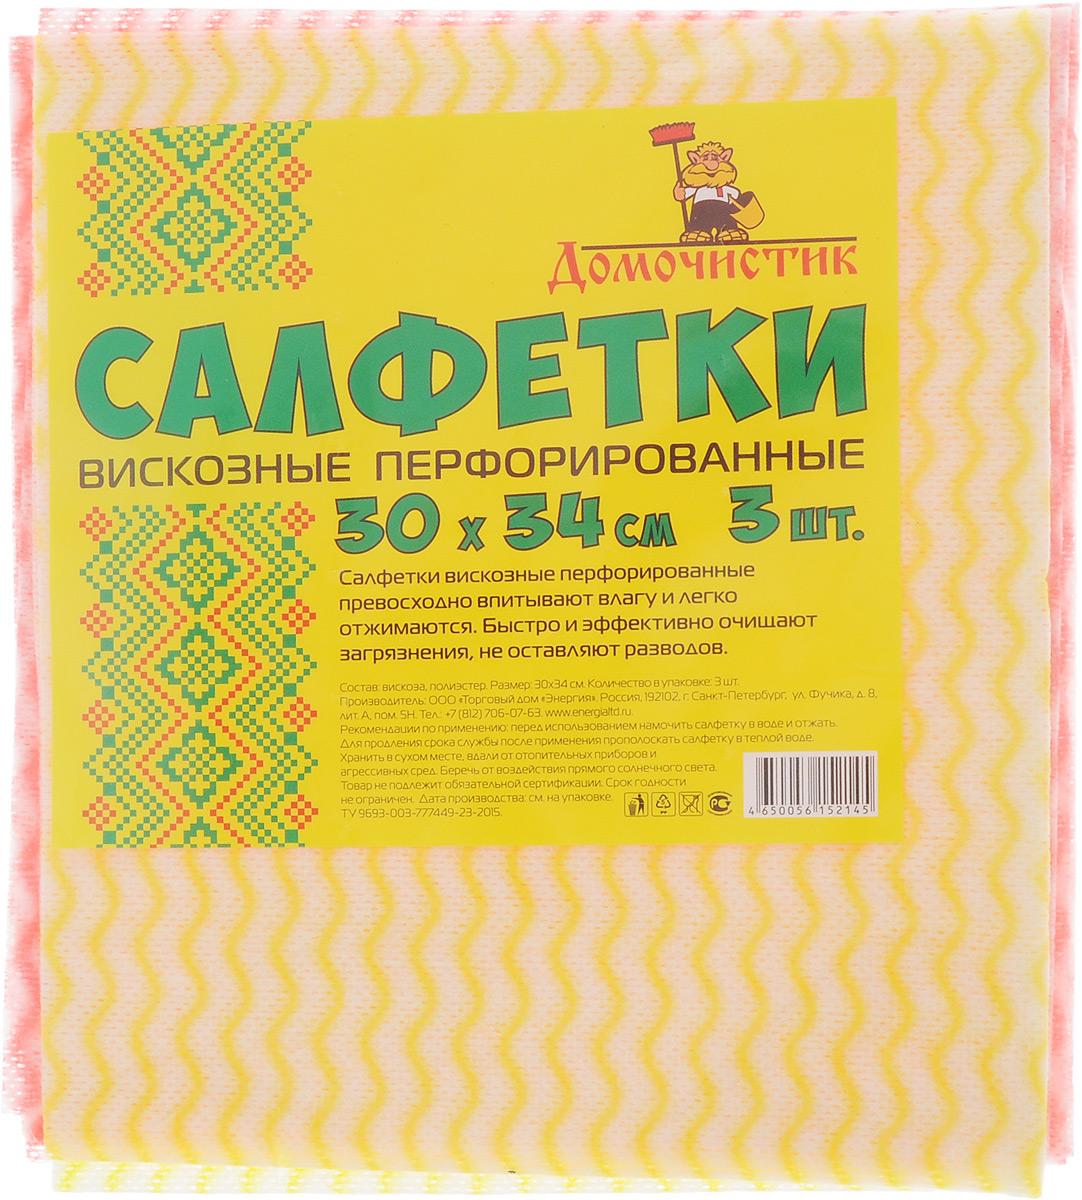 Салфетка для уборки Домочистик из вискозы, перфорированная, цвет: красный, желтый, белый, 30 x 34 см, 3 шт. 13006М 2214Перфорированные вискозные салфетки для уборки Домочистик превосходно впитывают влагу и легко отжимаются. Быстро и эффективно очищают загрязнения, не оставляют разводов. В комплект входят 3 салфетки.